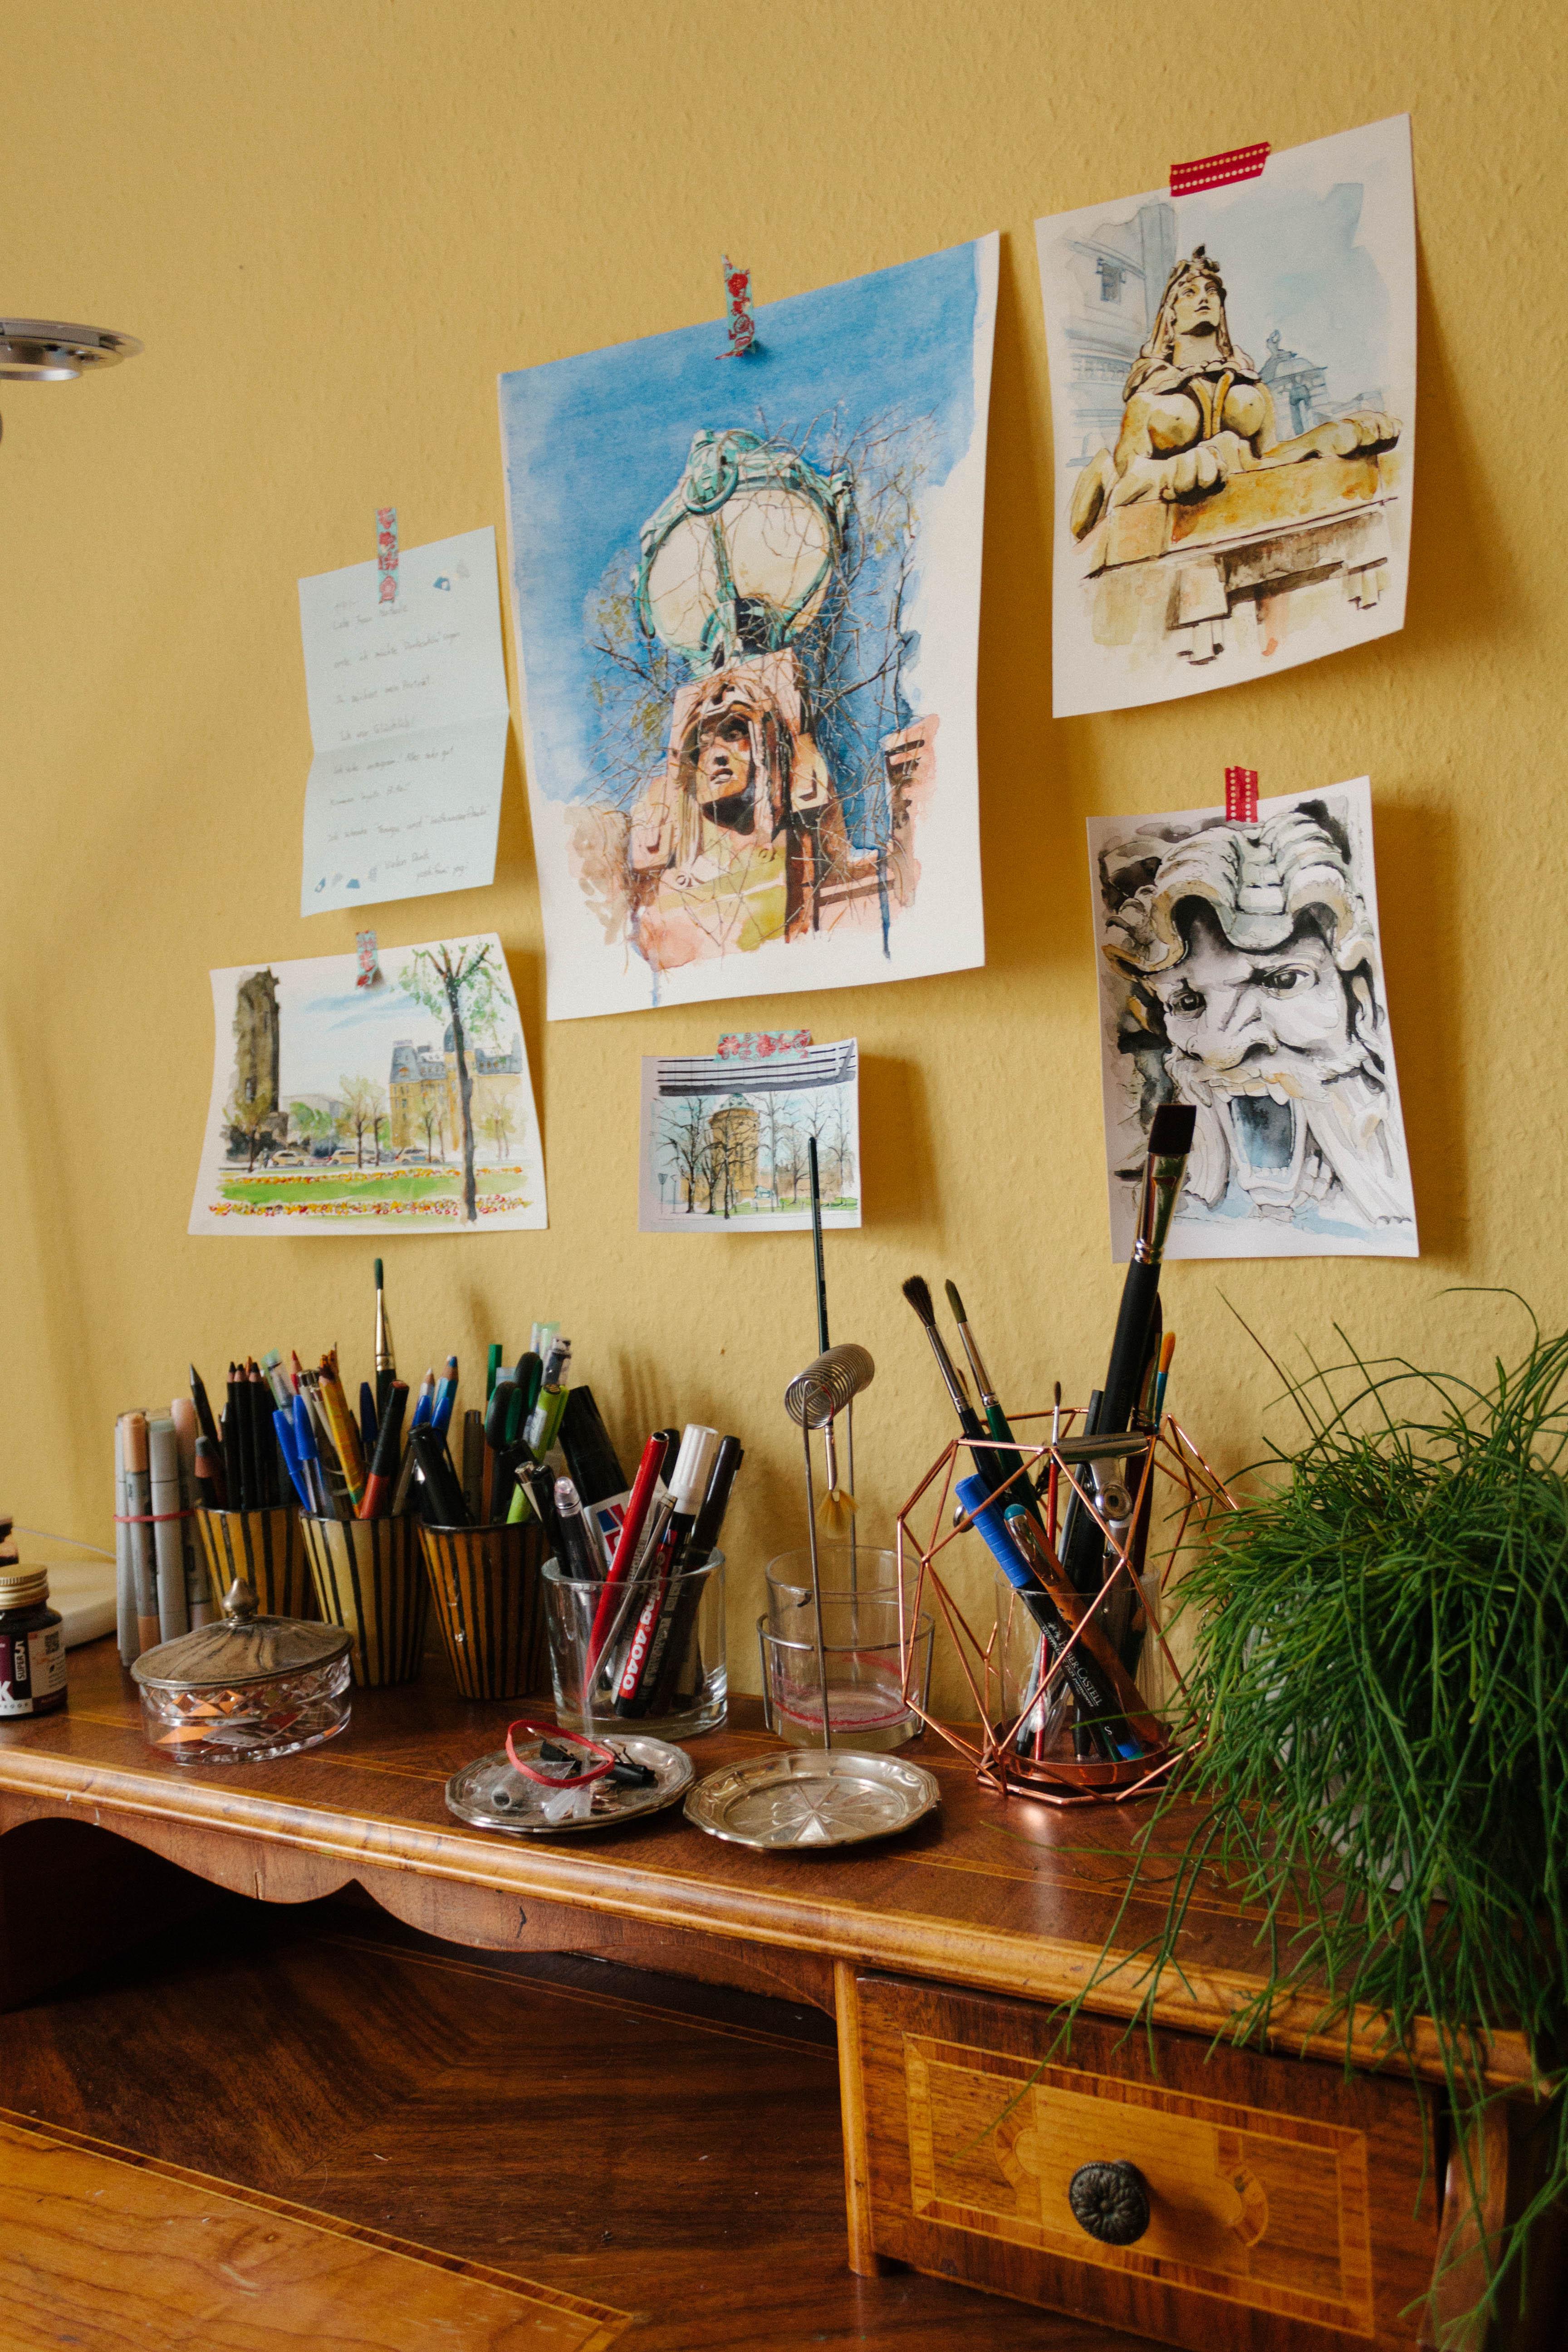 Aquarellbilder hängen an einer gelben Wand darunter ein Sekretär vollgestellt mit Behältern mit Pinseln